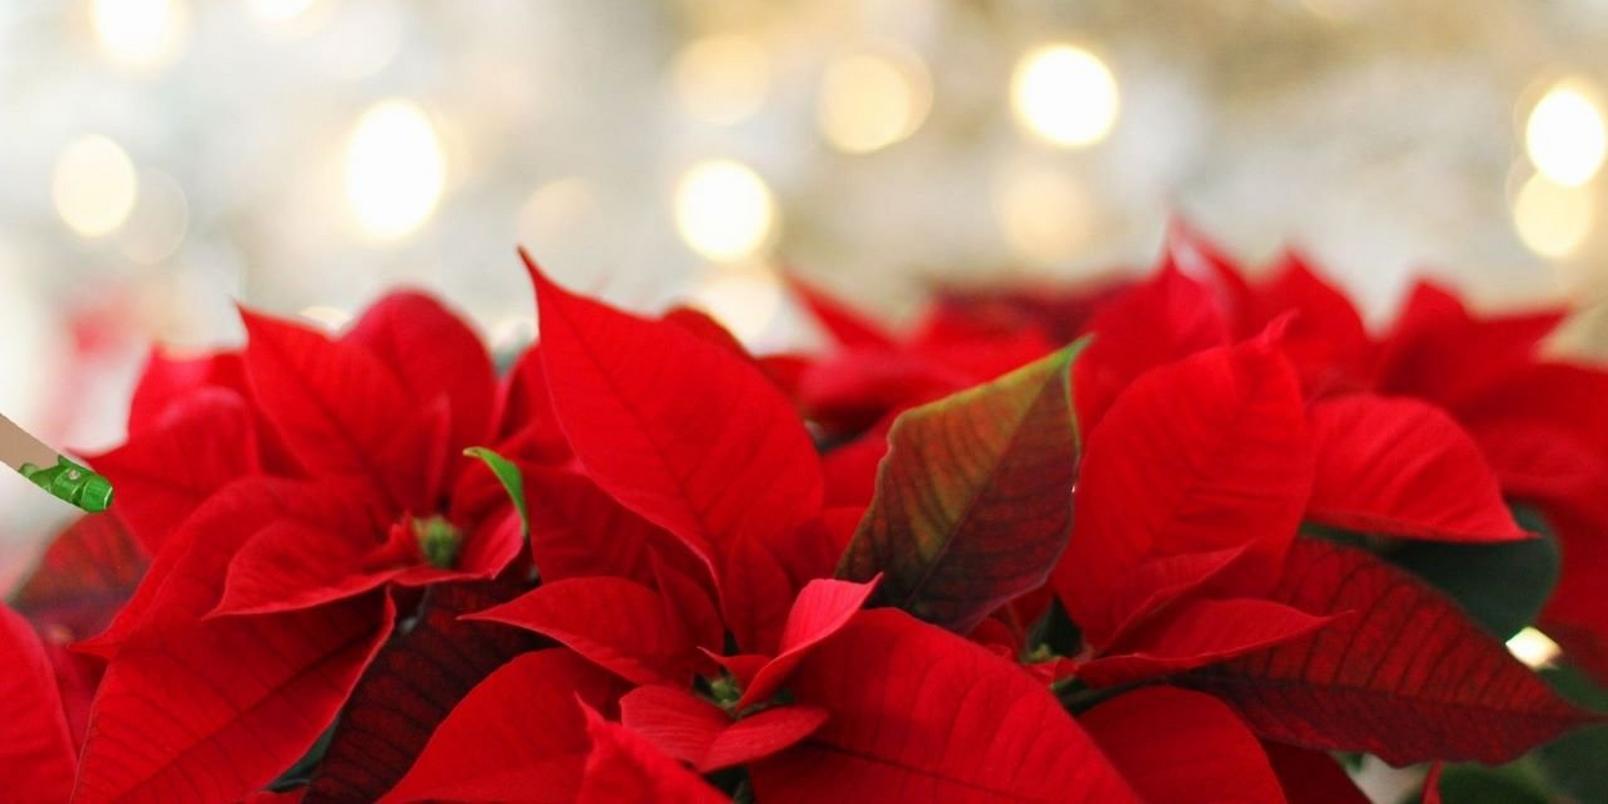 Poinsettia & lights